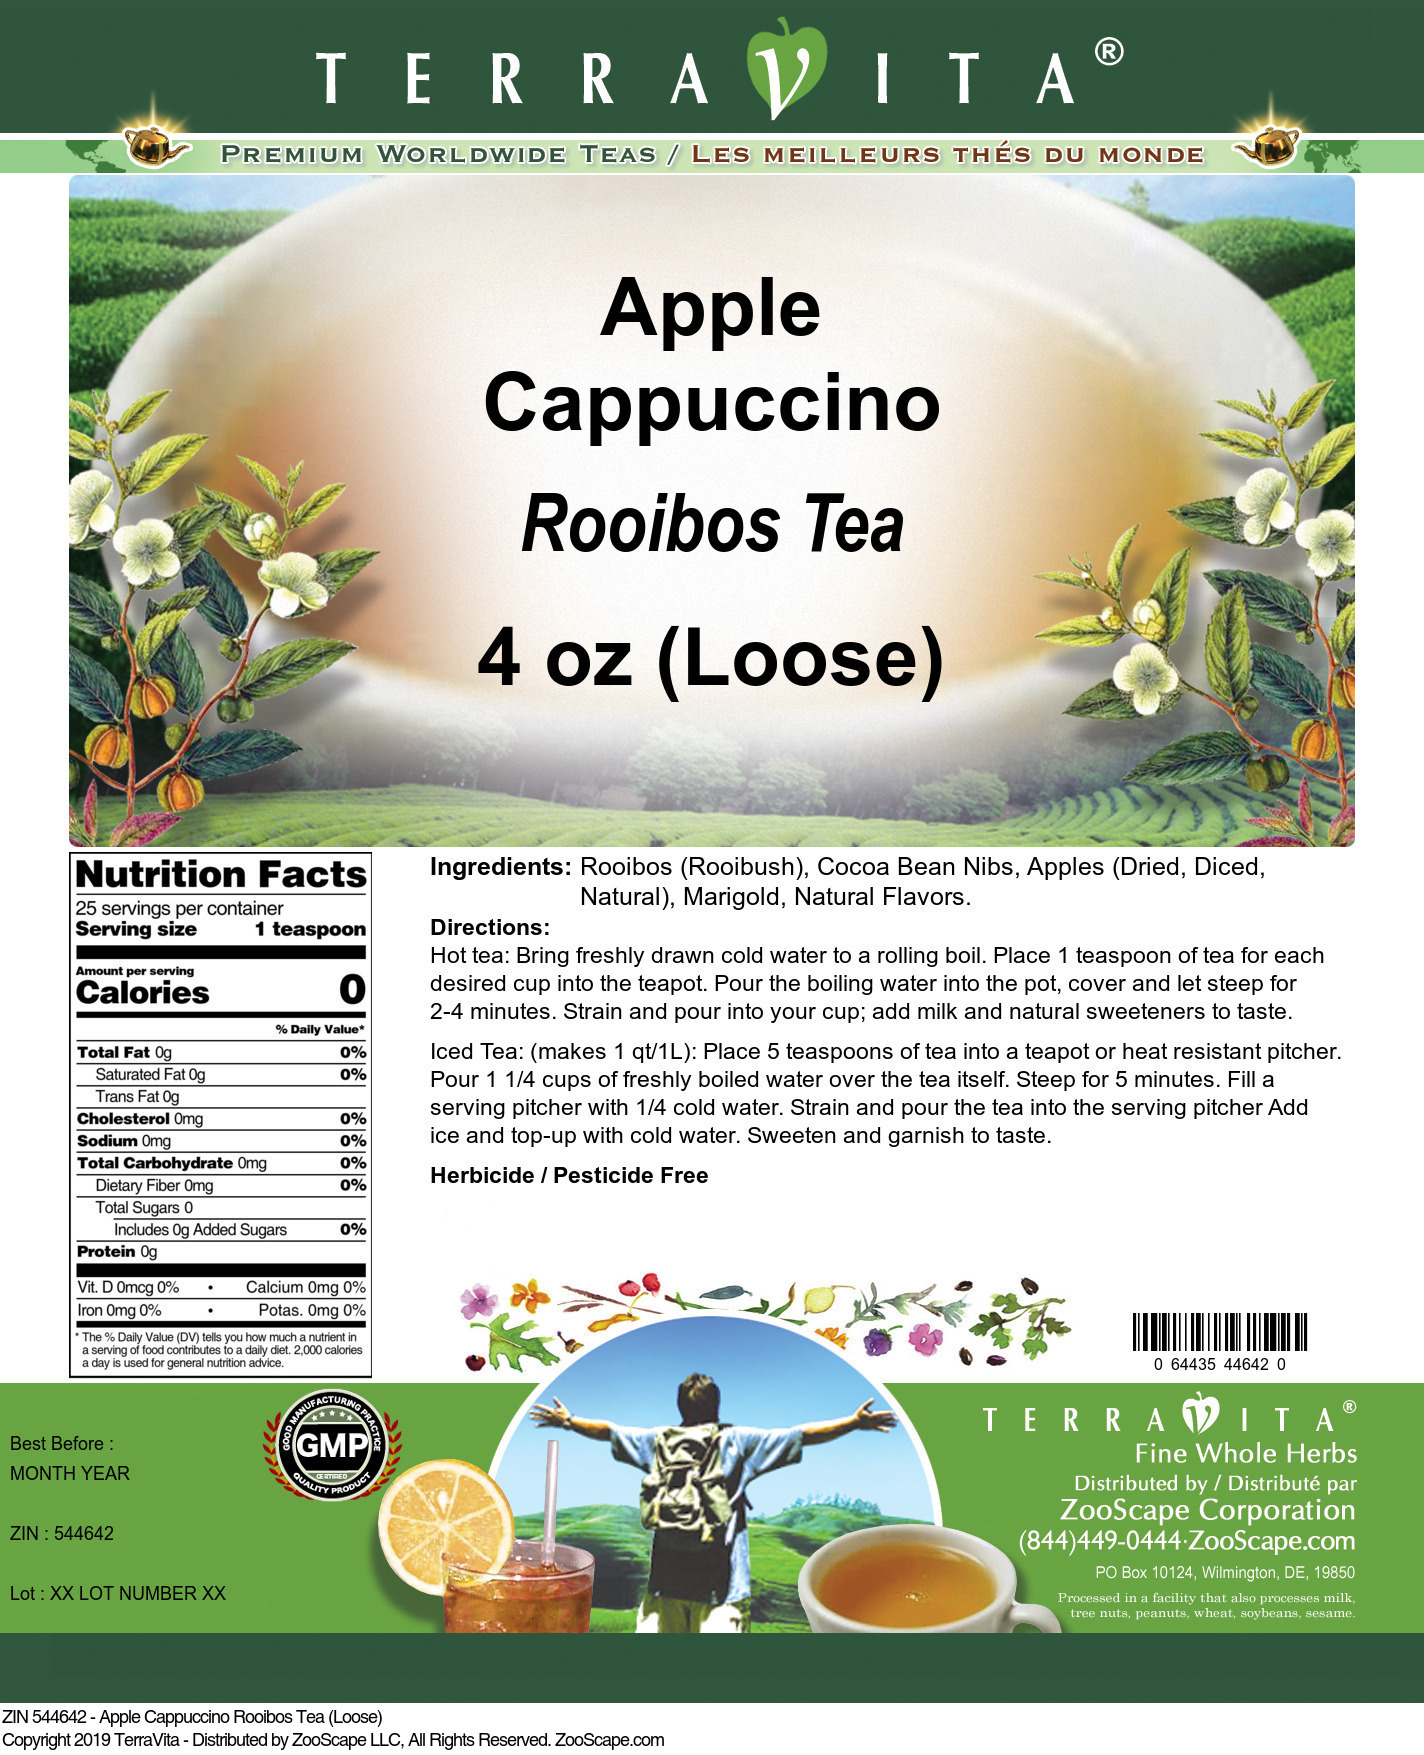 Apple Cappuccino Rooibos Tea